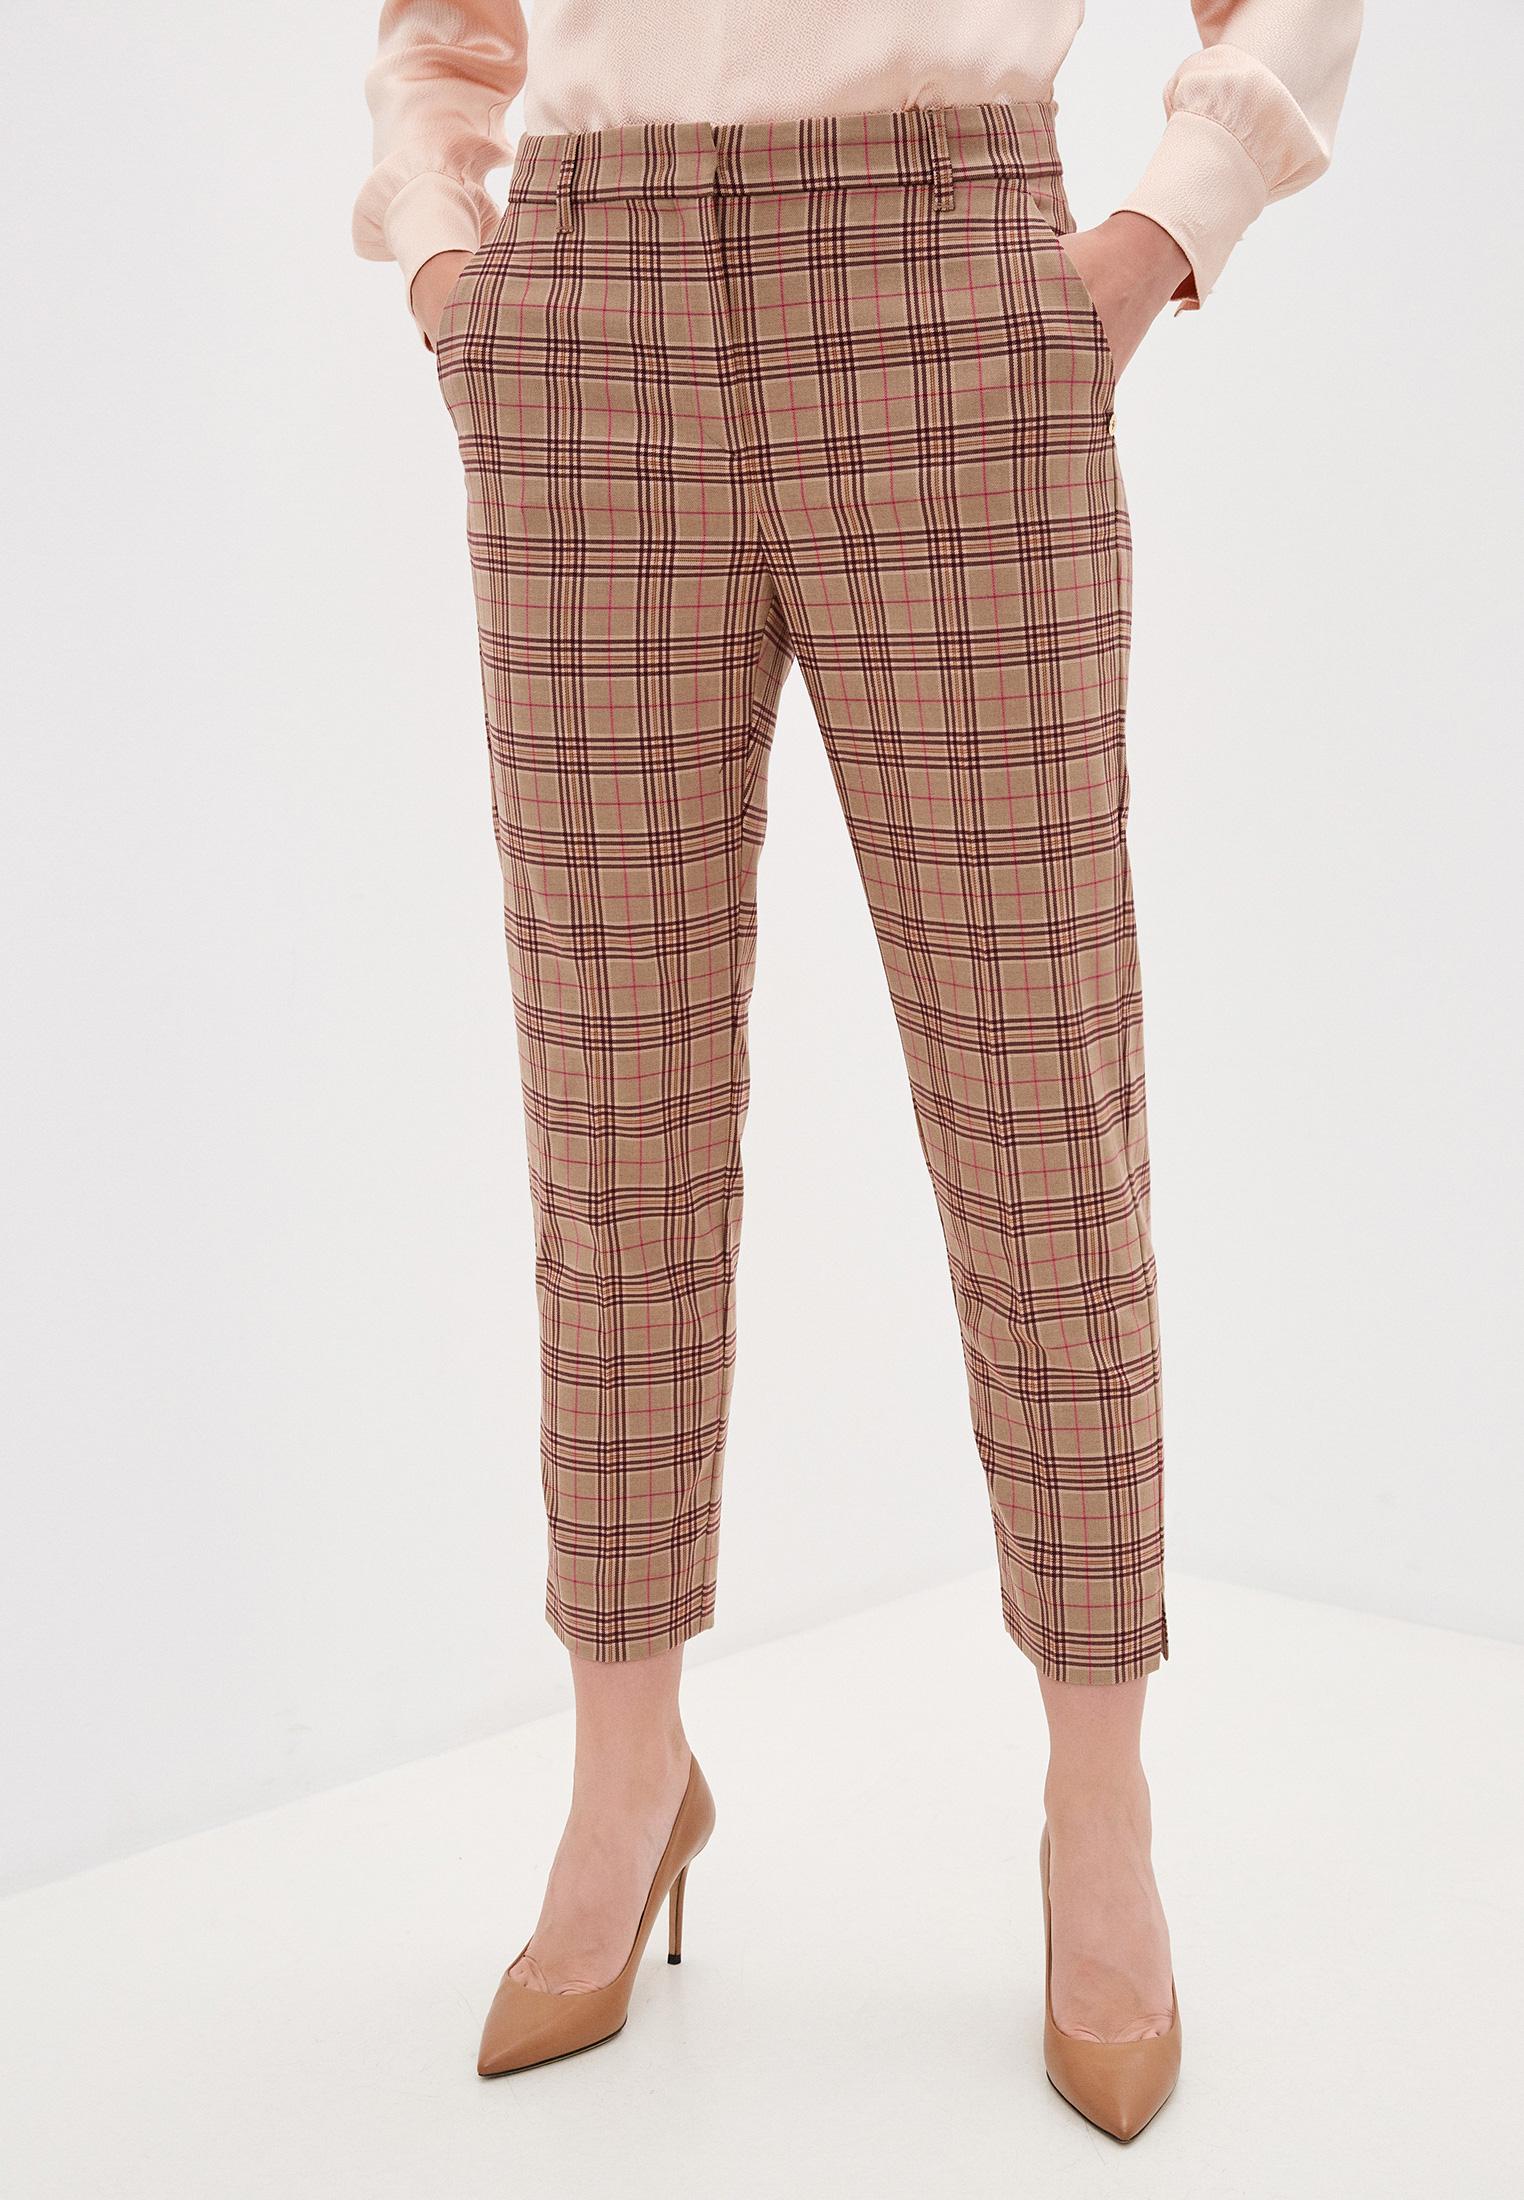 Женские классические брюки Pennyblack (Пенни Блэк) Брюки Pennyblack